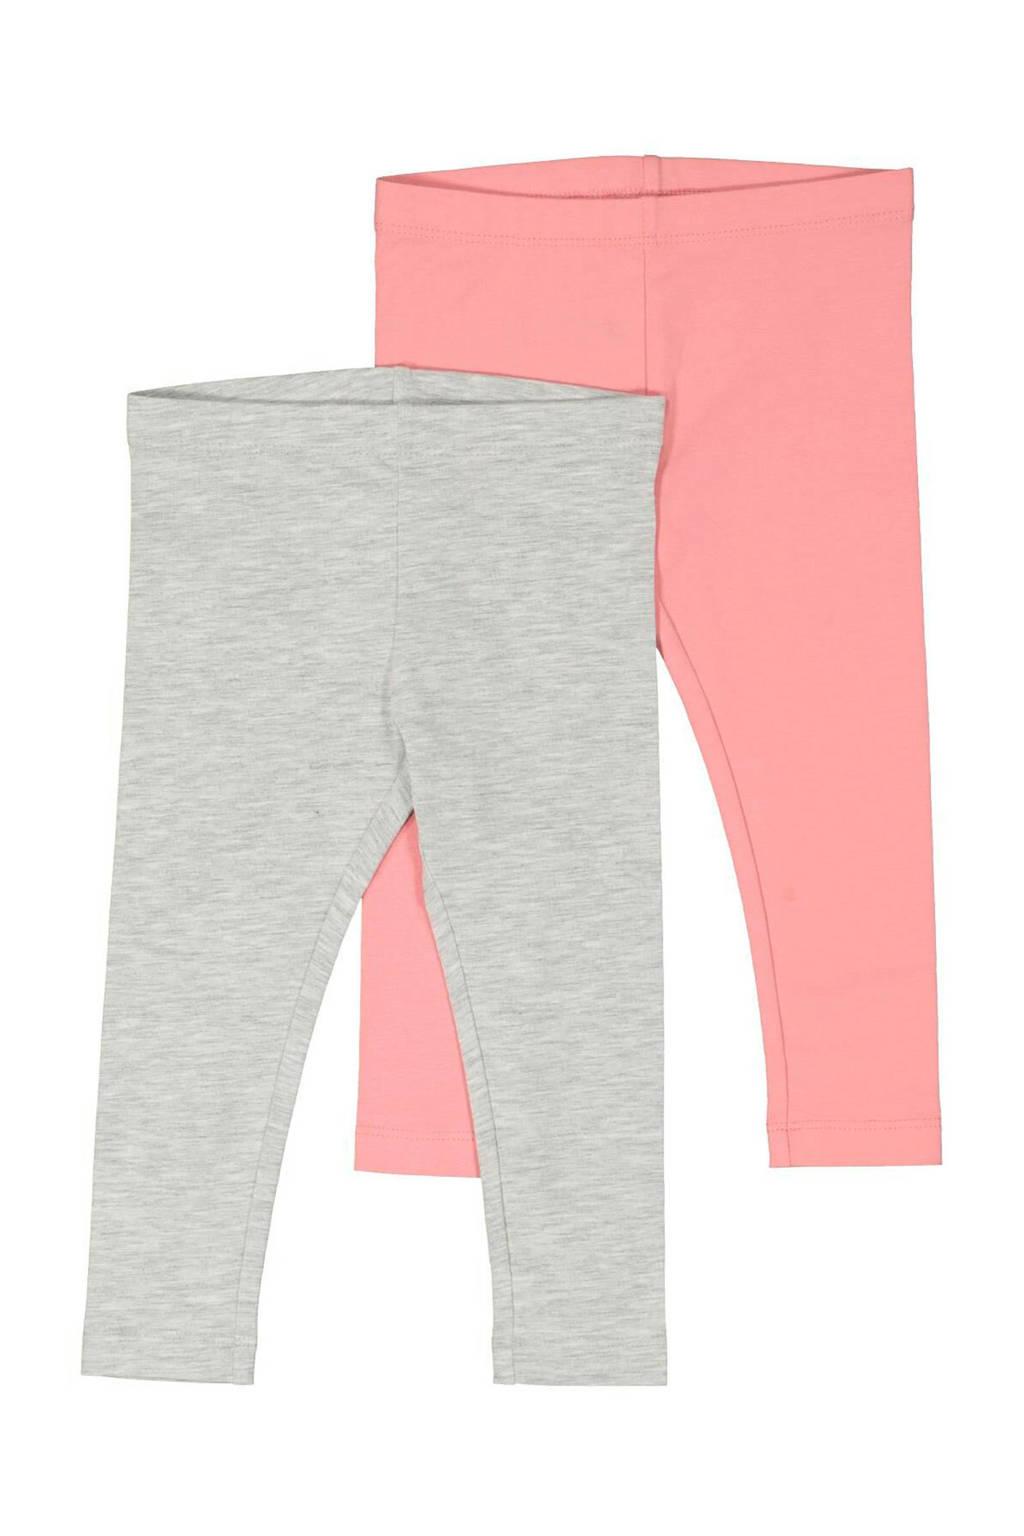 HEMA legging grijs/lichtroze - set van 2, Grijs/lichtroze